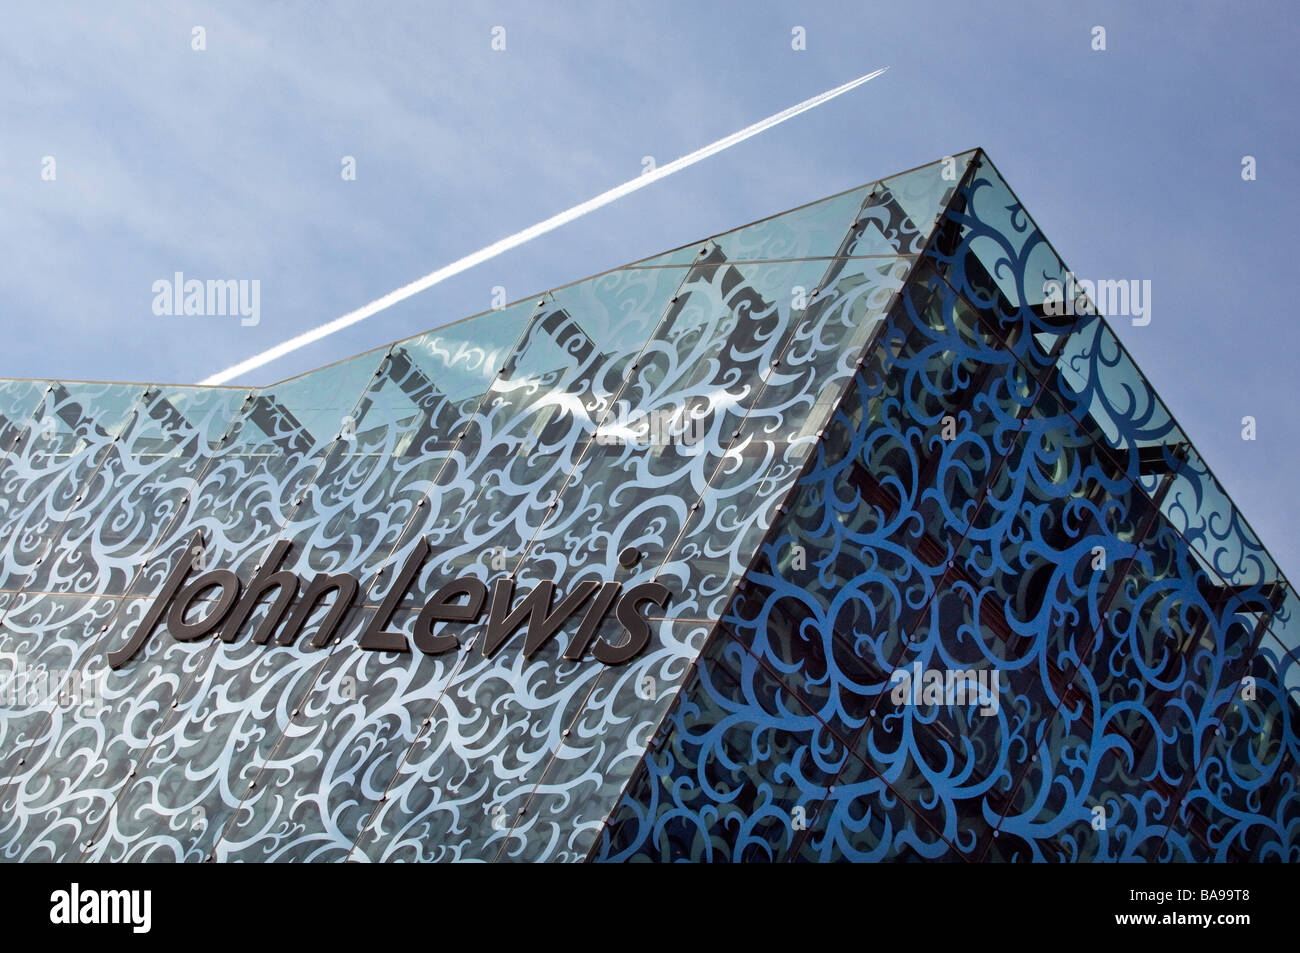 Il nuovo incredibile architettura moderna del vetro frontale John Lewis Store a Leicester di Highcross Shopping Immagini Stock